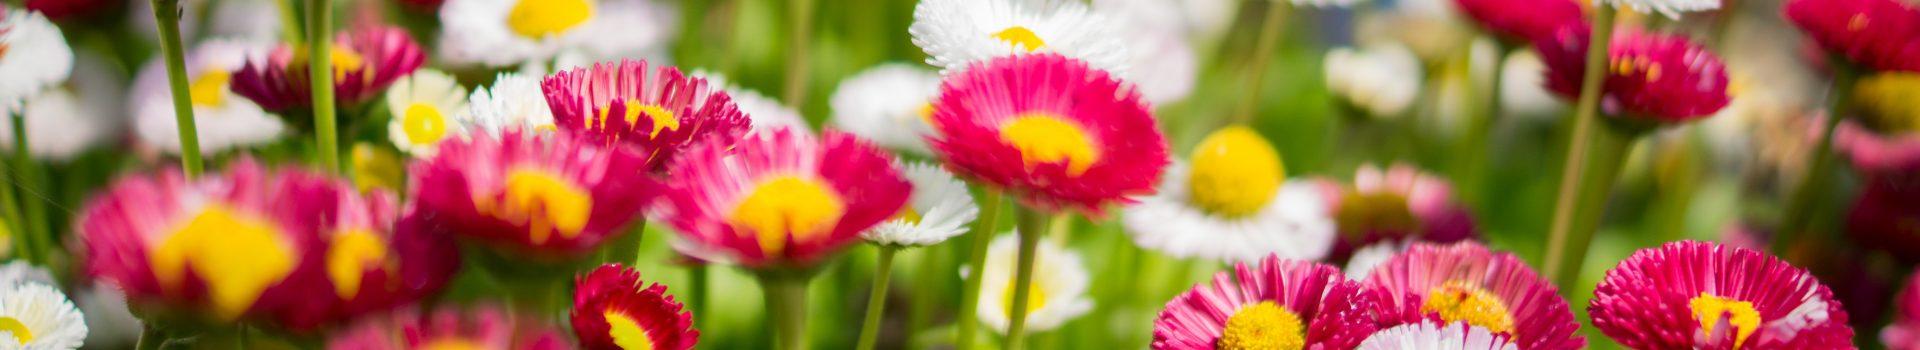 DIY: Prima zi de martie, primul mărțișor floral făcut chiar de tine